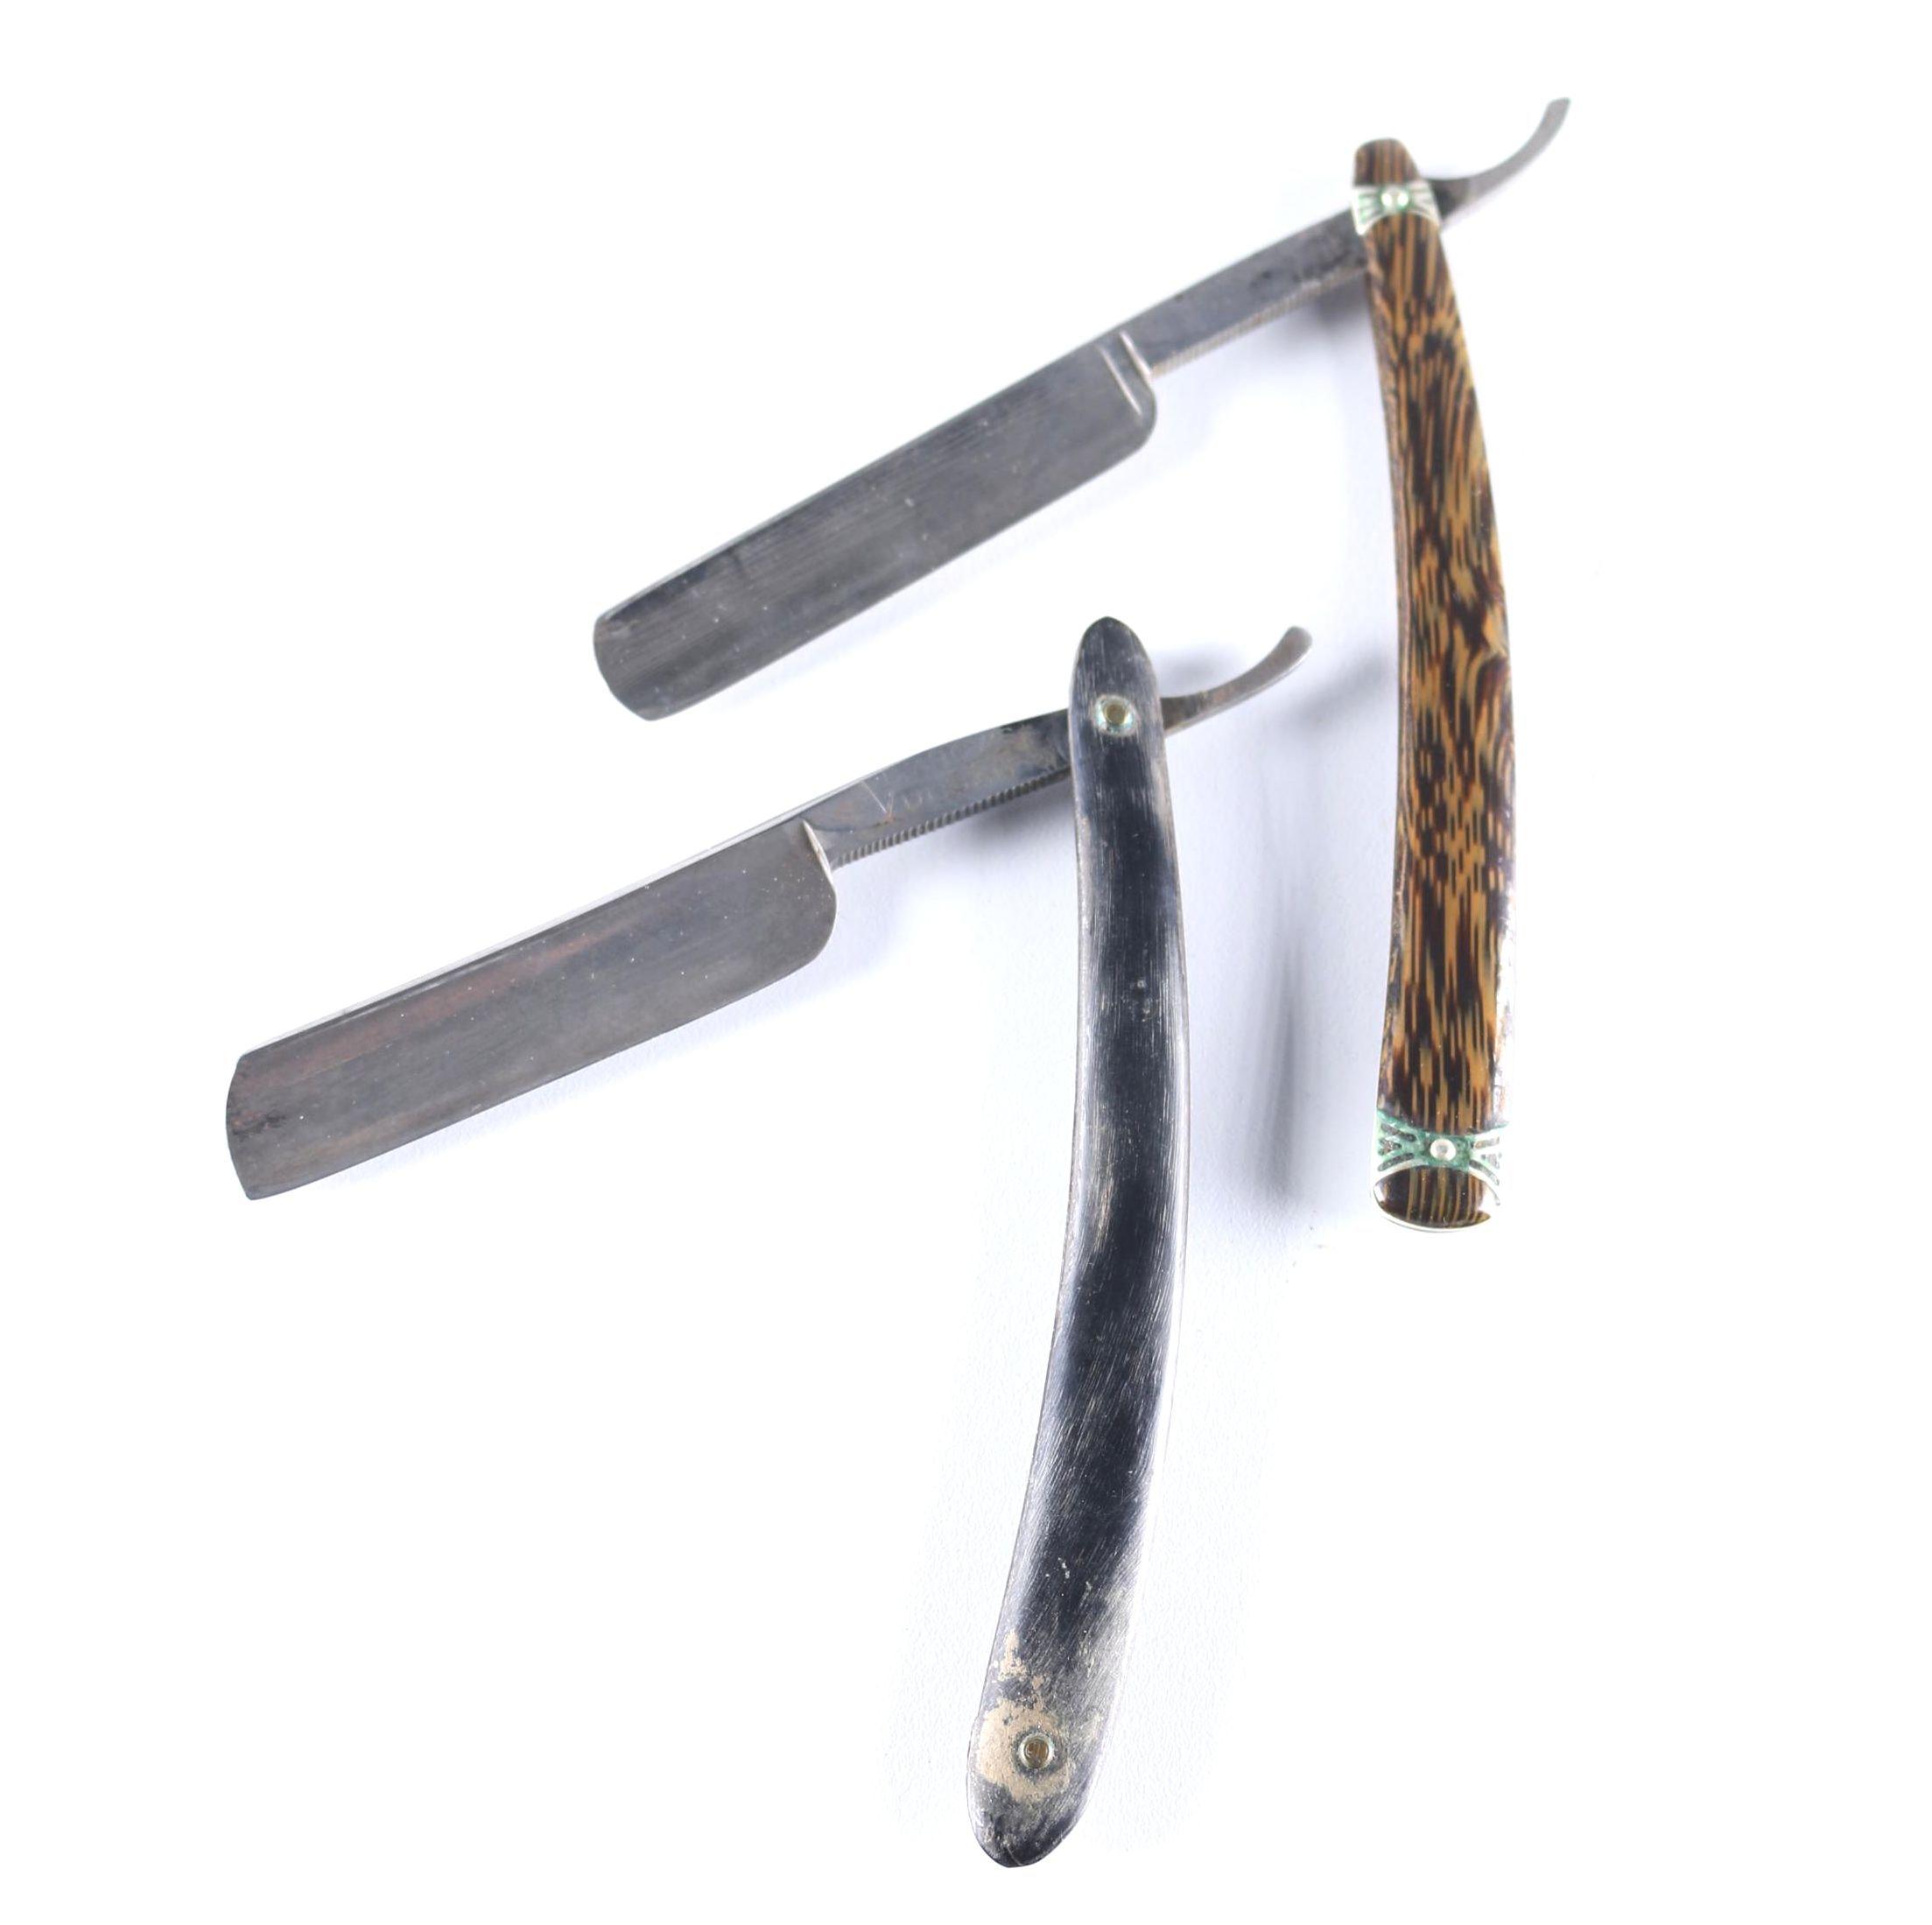 Pair of Vintage Men's Shaving Razors